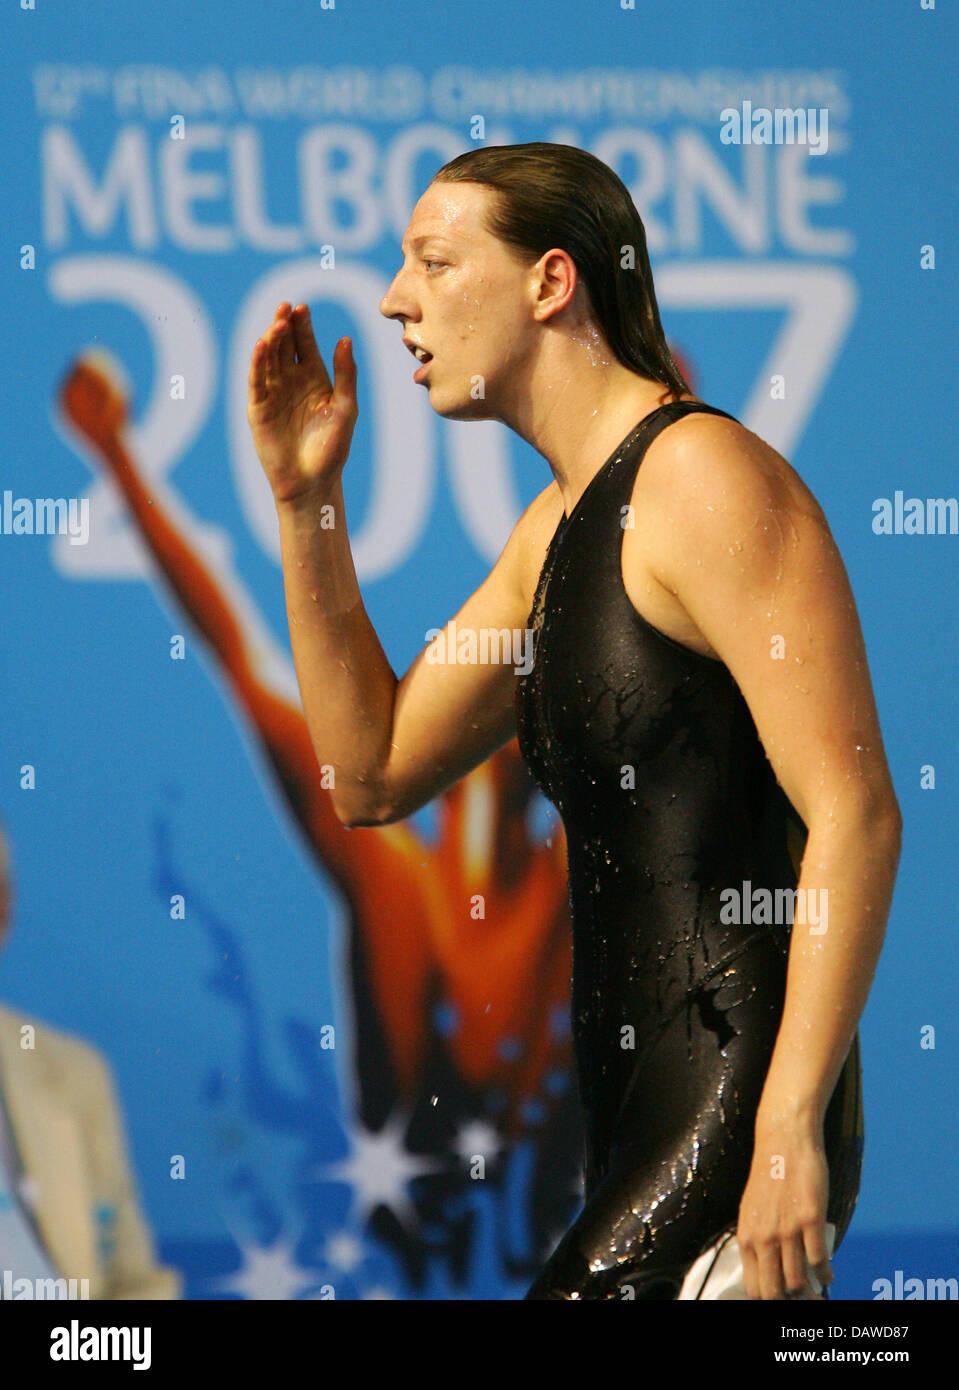 Deutsche Schwimmerin